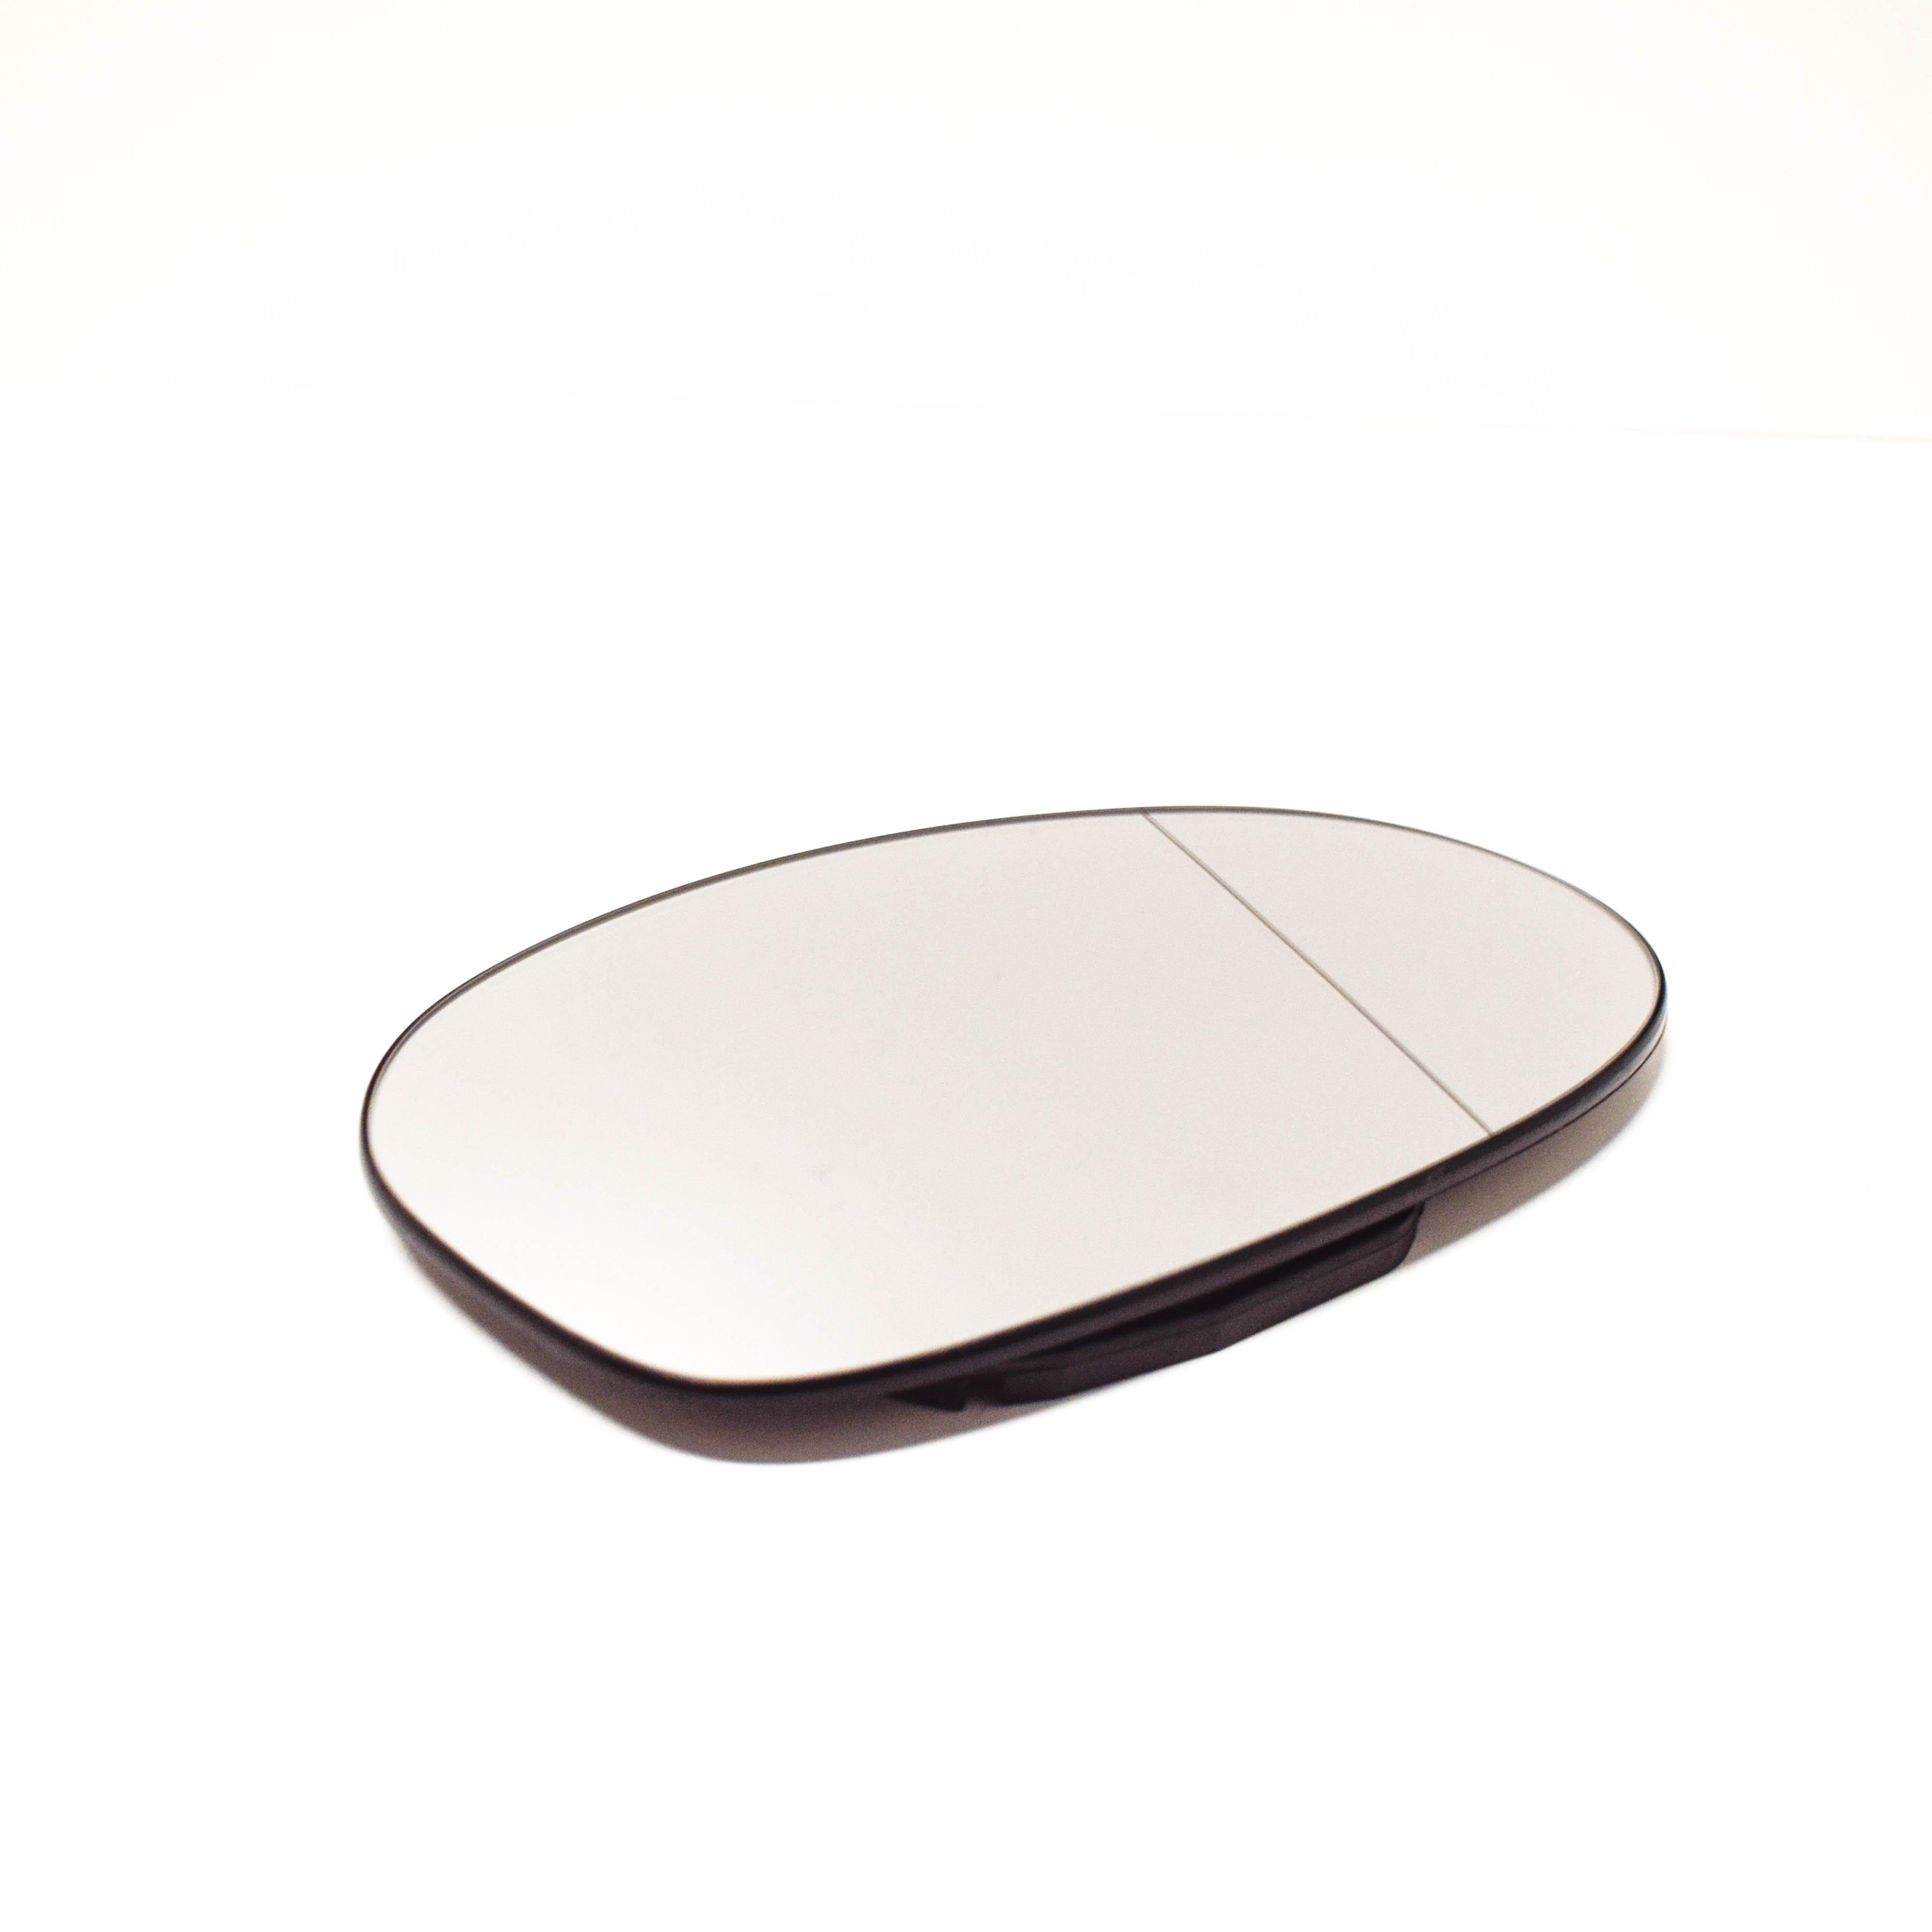 Außenspiegel Spiegelglas Ersatzglas RECHTS für BMW z 4 E85//E86 02-08 asphärisch